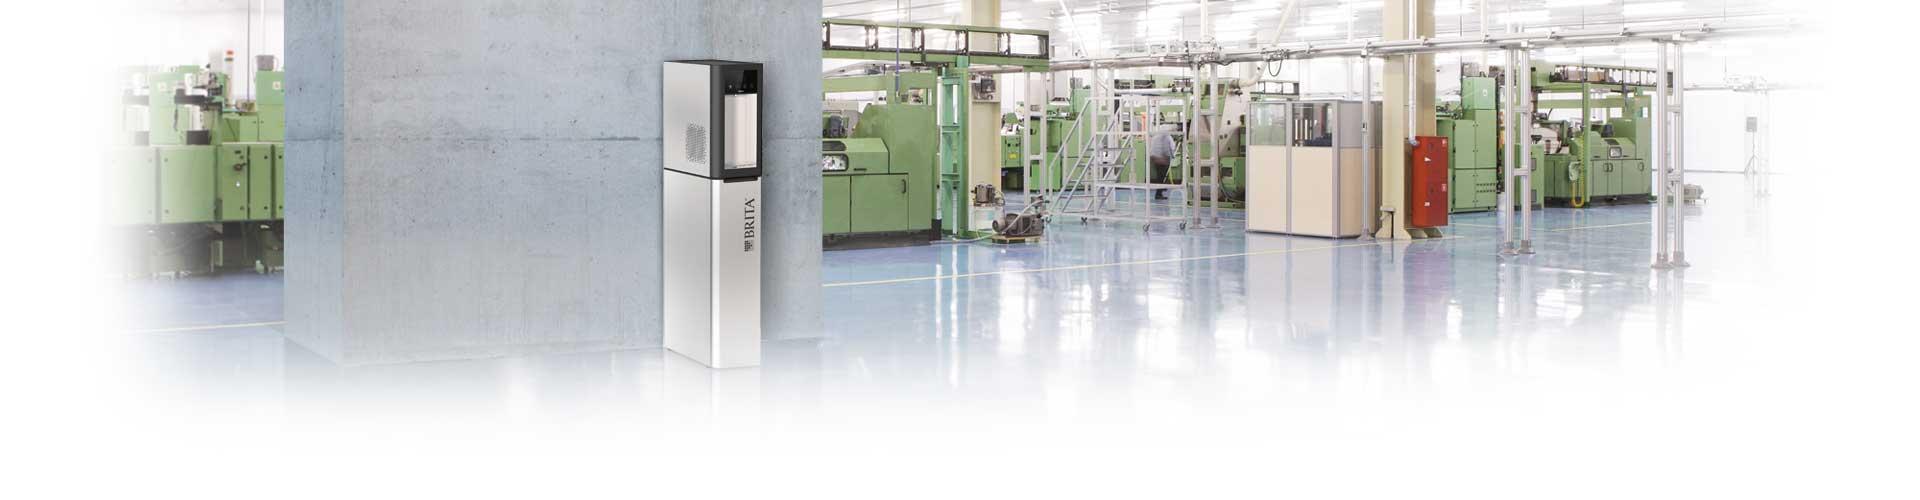 Wasserspender in der Industrie